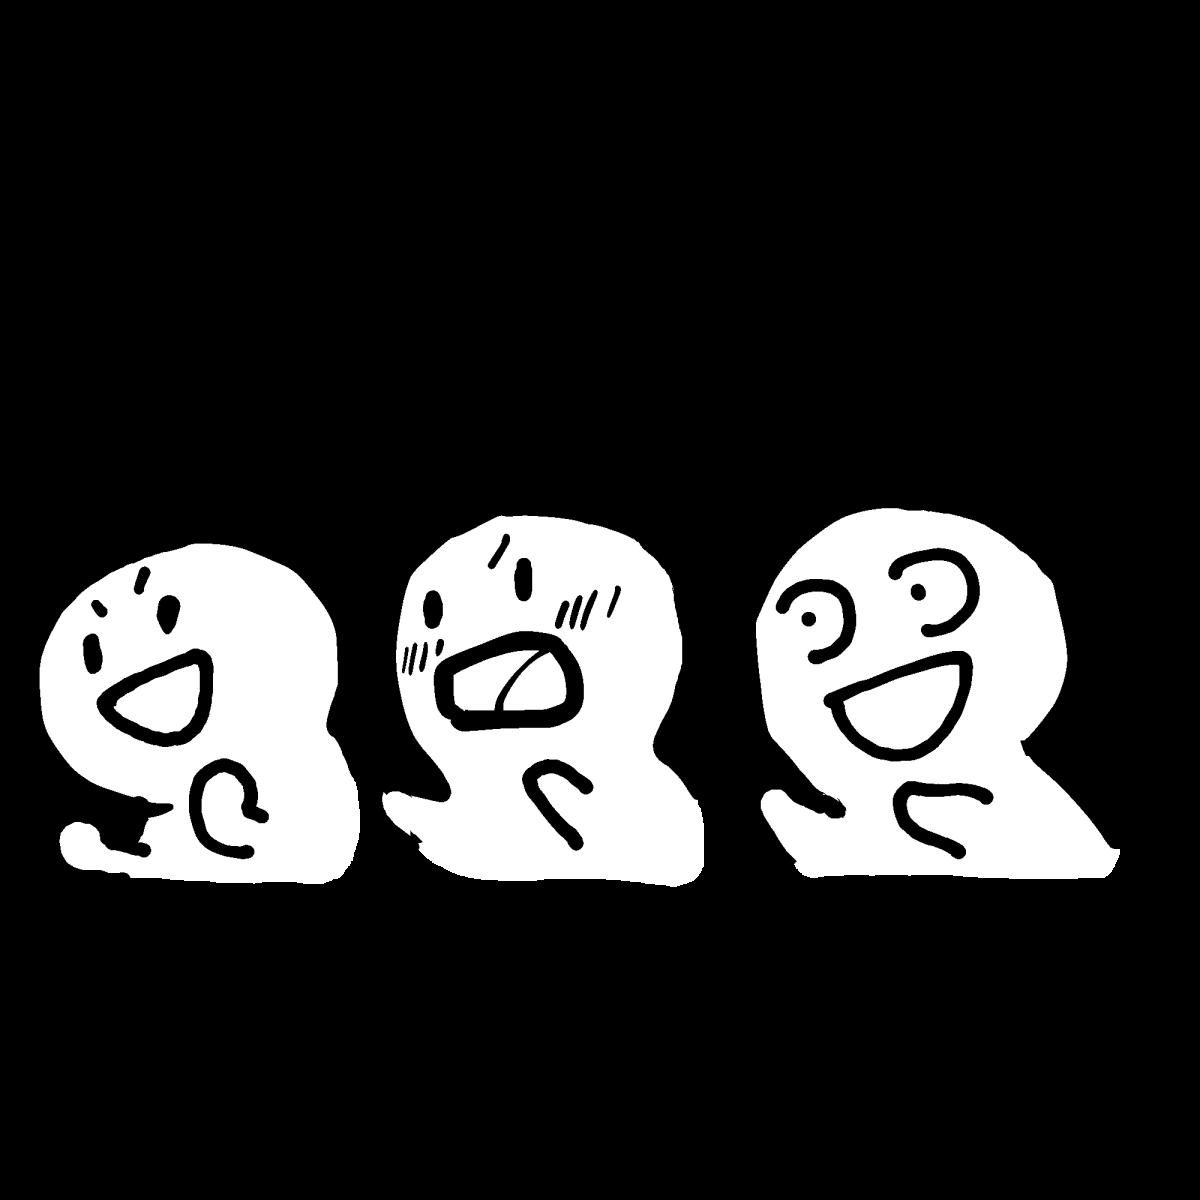 仲間と盛り上がるのイラスト / Get excited with friends Illustration